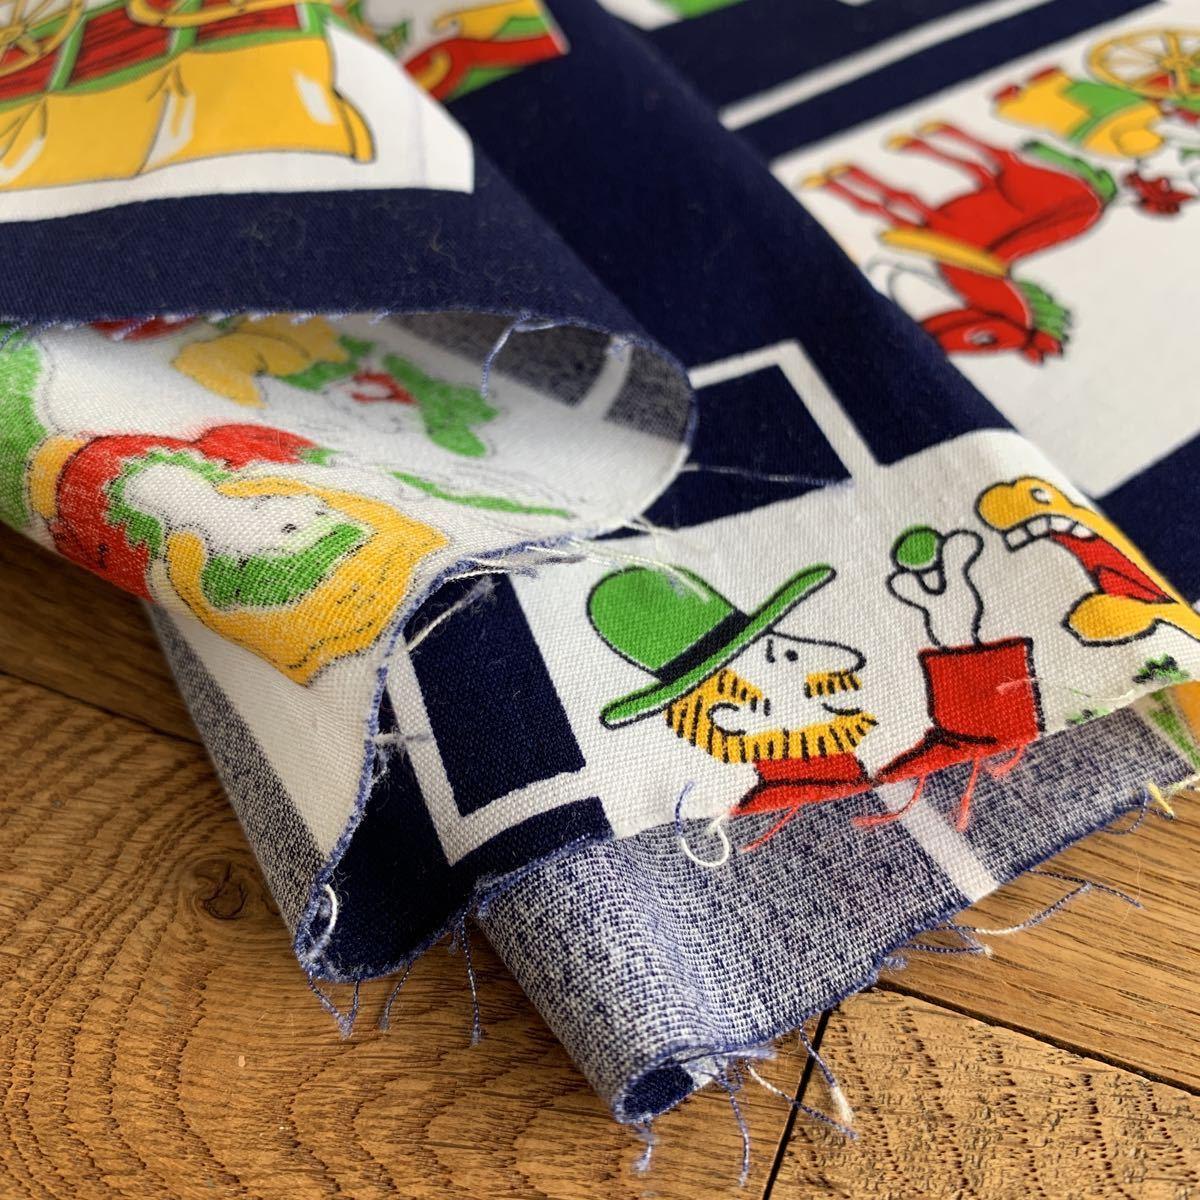 はぎれ 92×49 昭和レトロ デッドストック 生地 ハンドメイド リメイク カントリー柄 アンティーク ヴィンテージ 材料 裁縫 入園入学準備